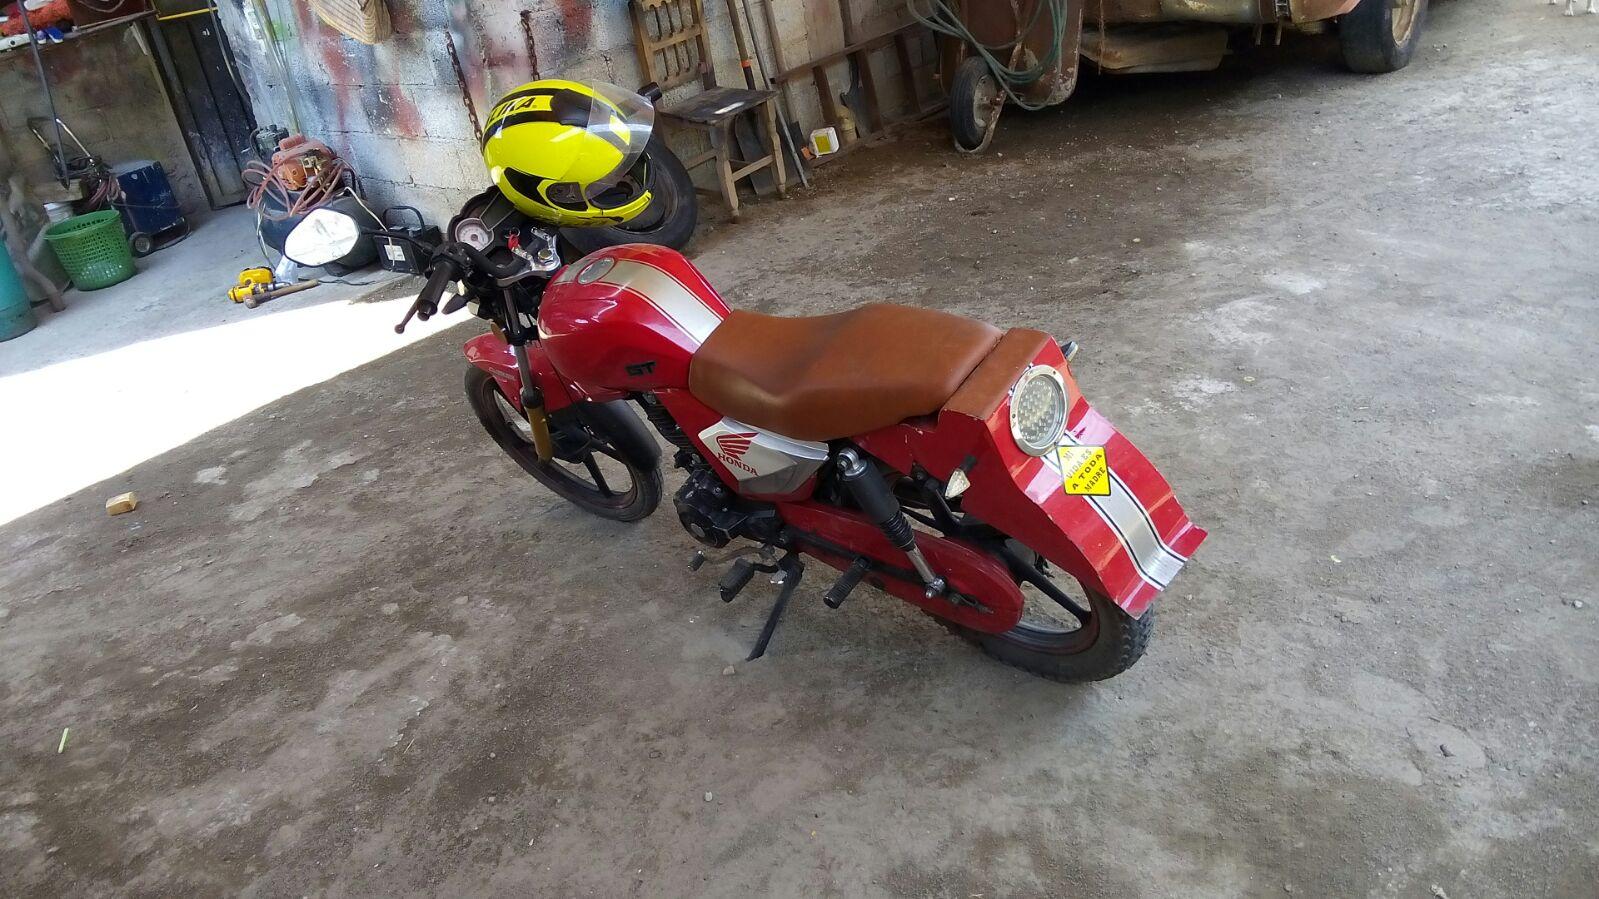 Roban motocicleta frente a domicilio particular